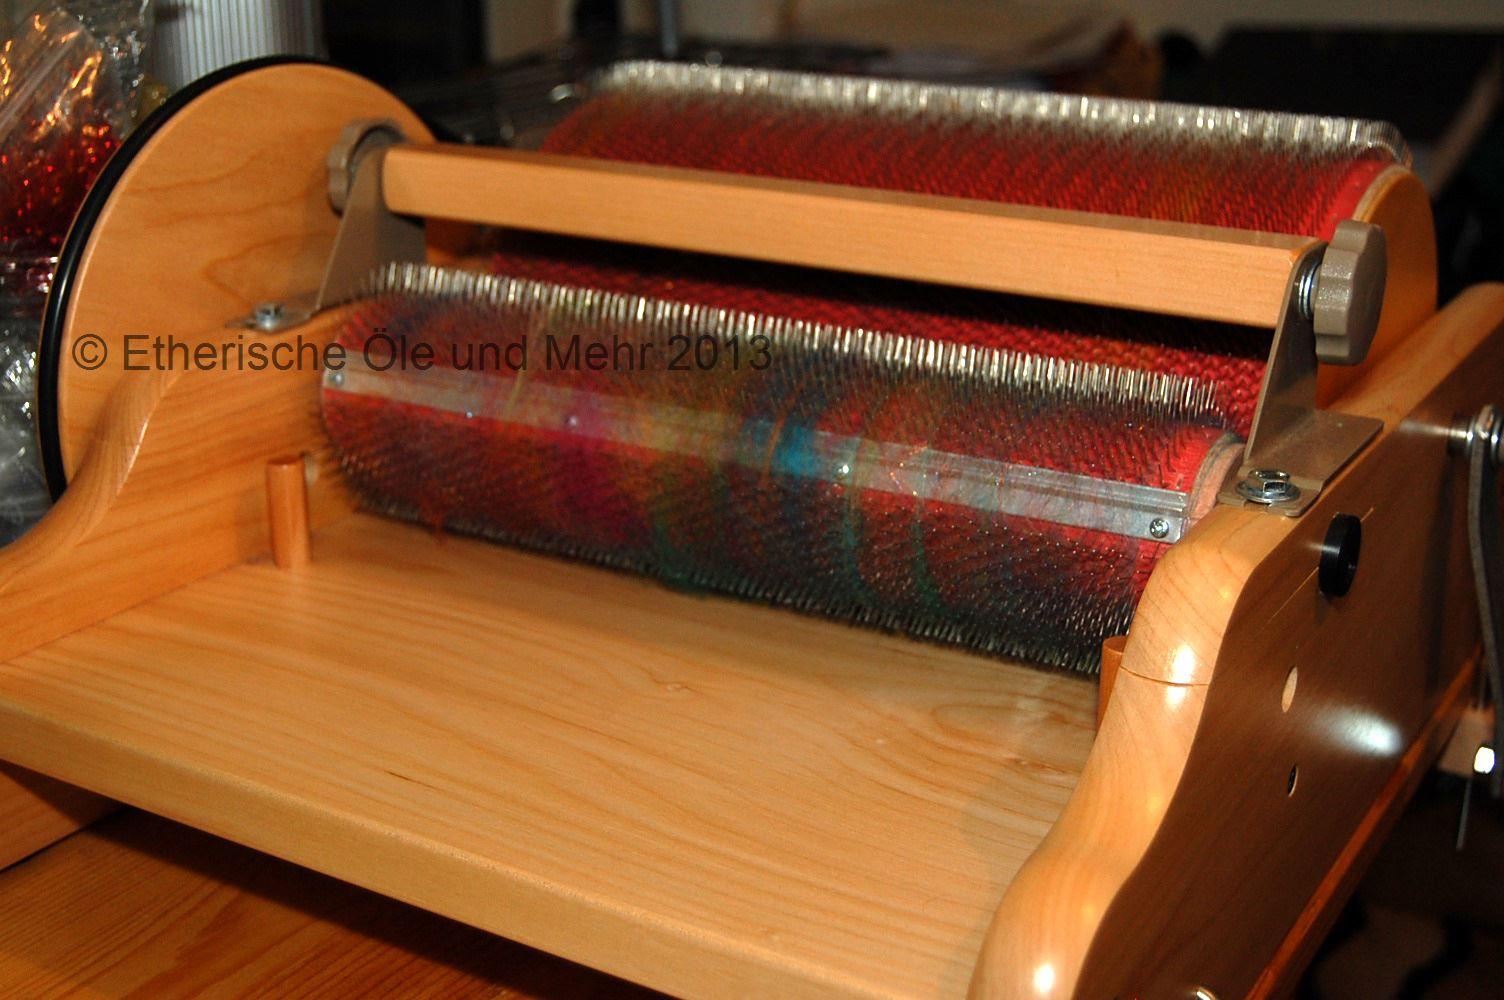 moni s gewolltes sch ne ostern. Black Bedroom Furniture Sets. Home Design Ideas